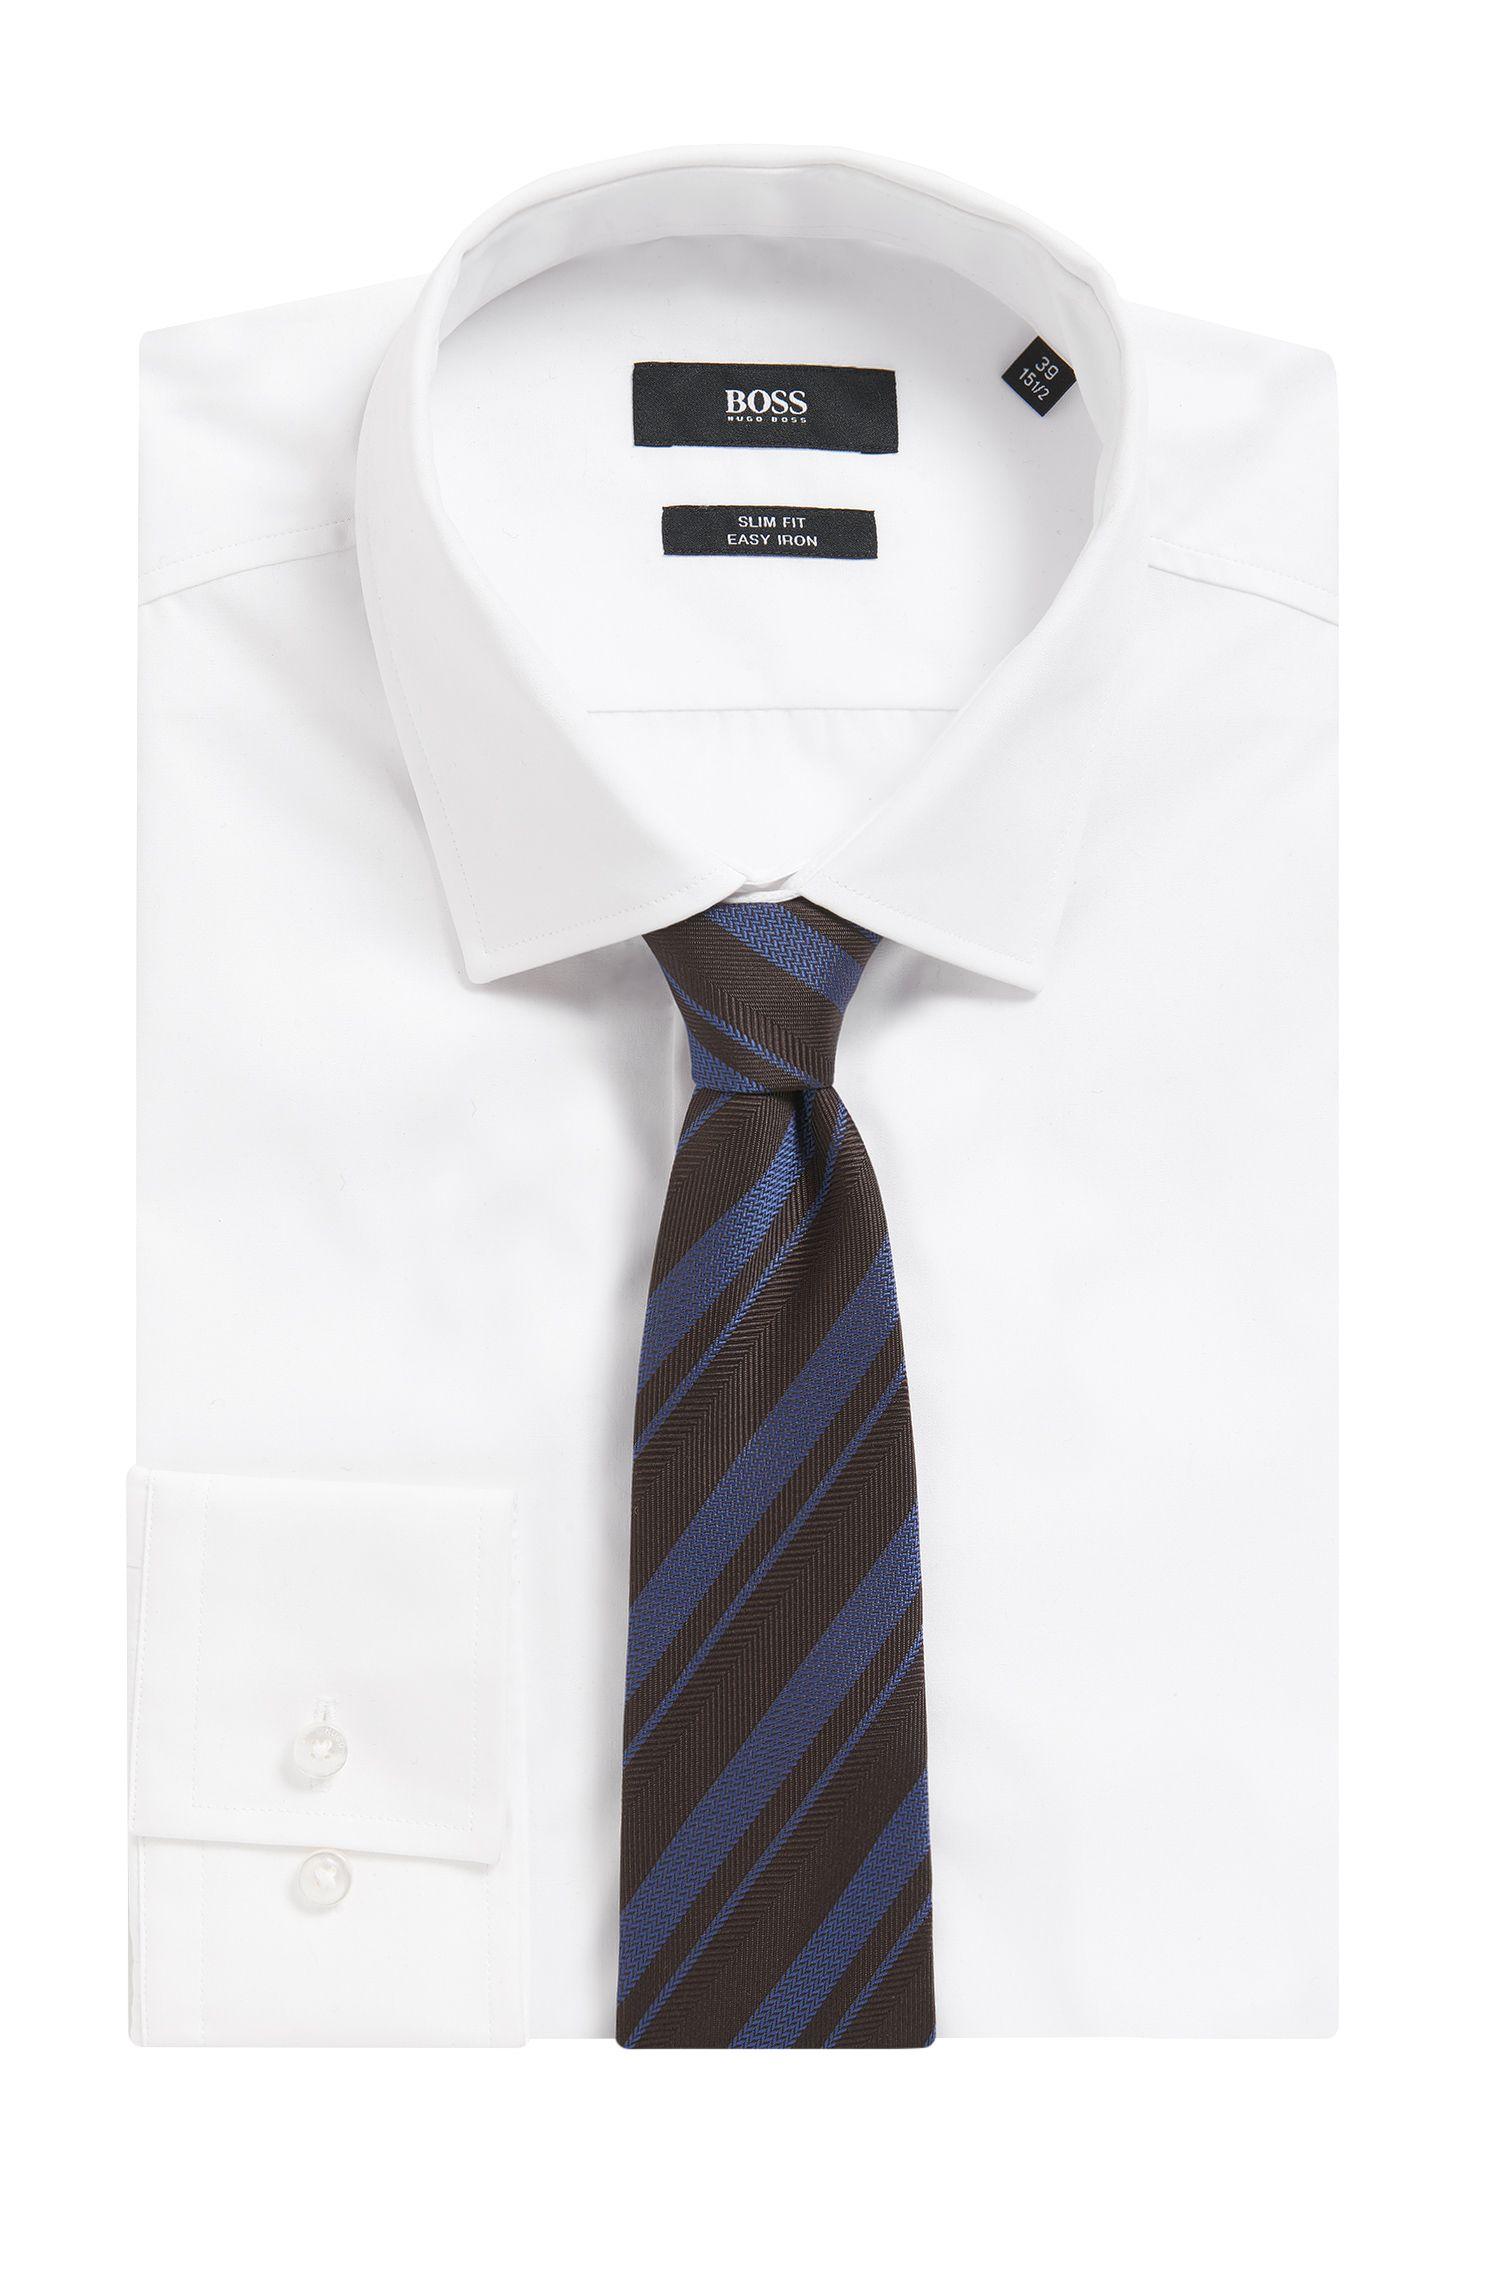 BOSS Tailored Striped Silk Slim Tie